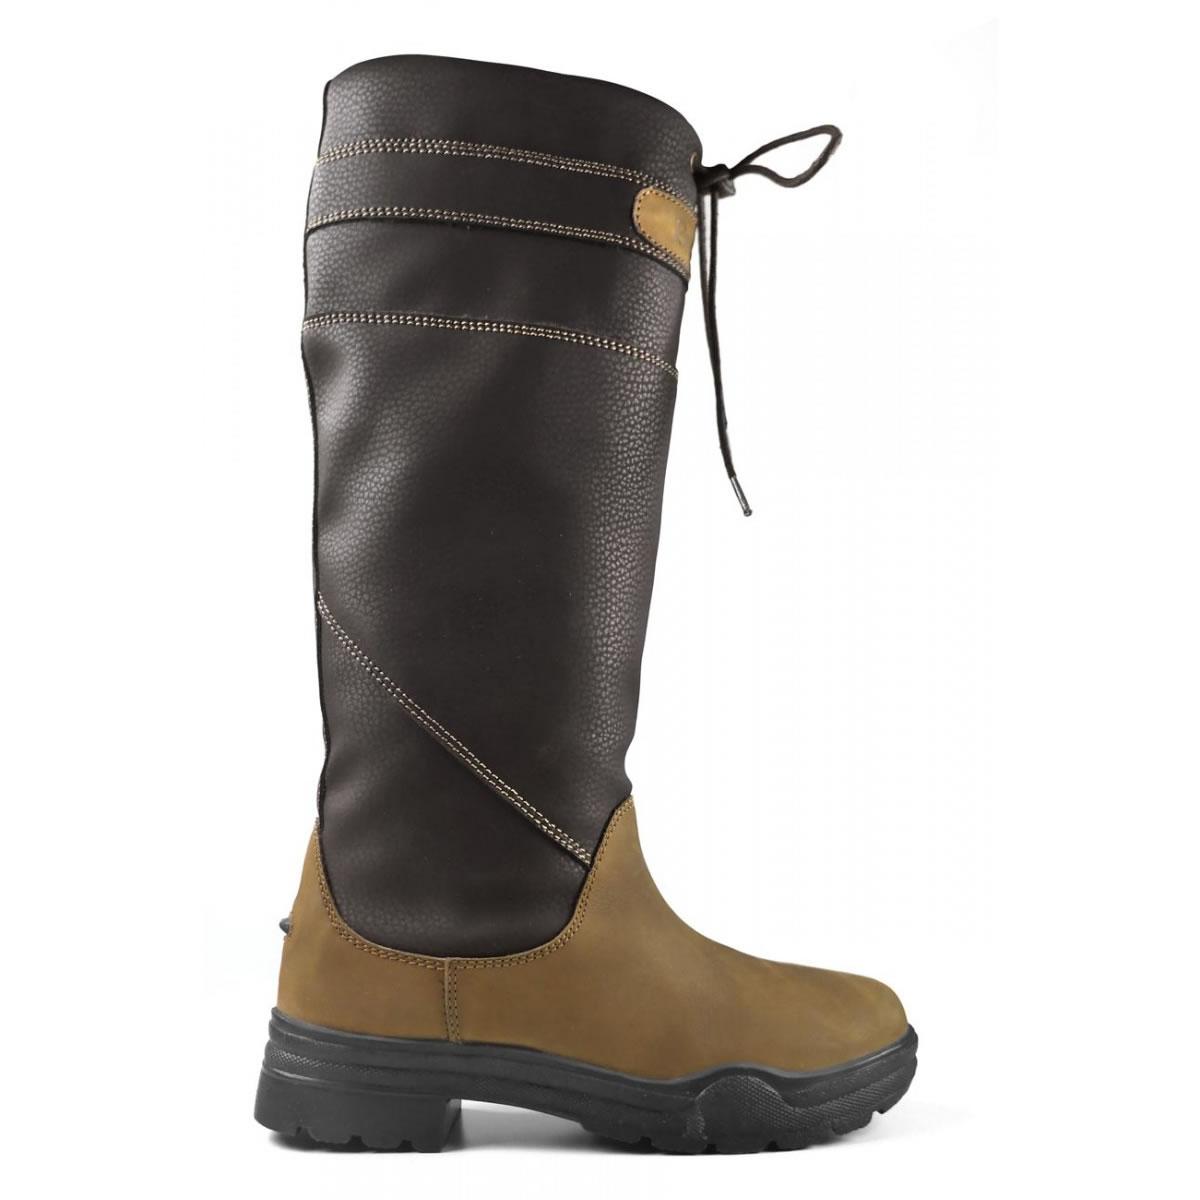 fbd121da928f Brogini Derbyshire Kids BootsFrom £66.00 (£55.00 +VAT)